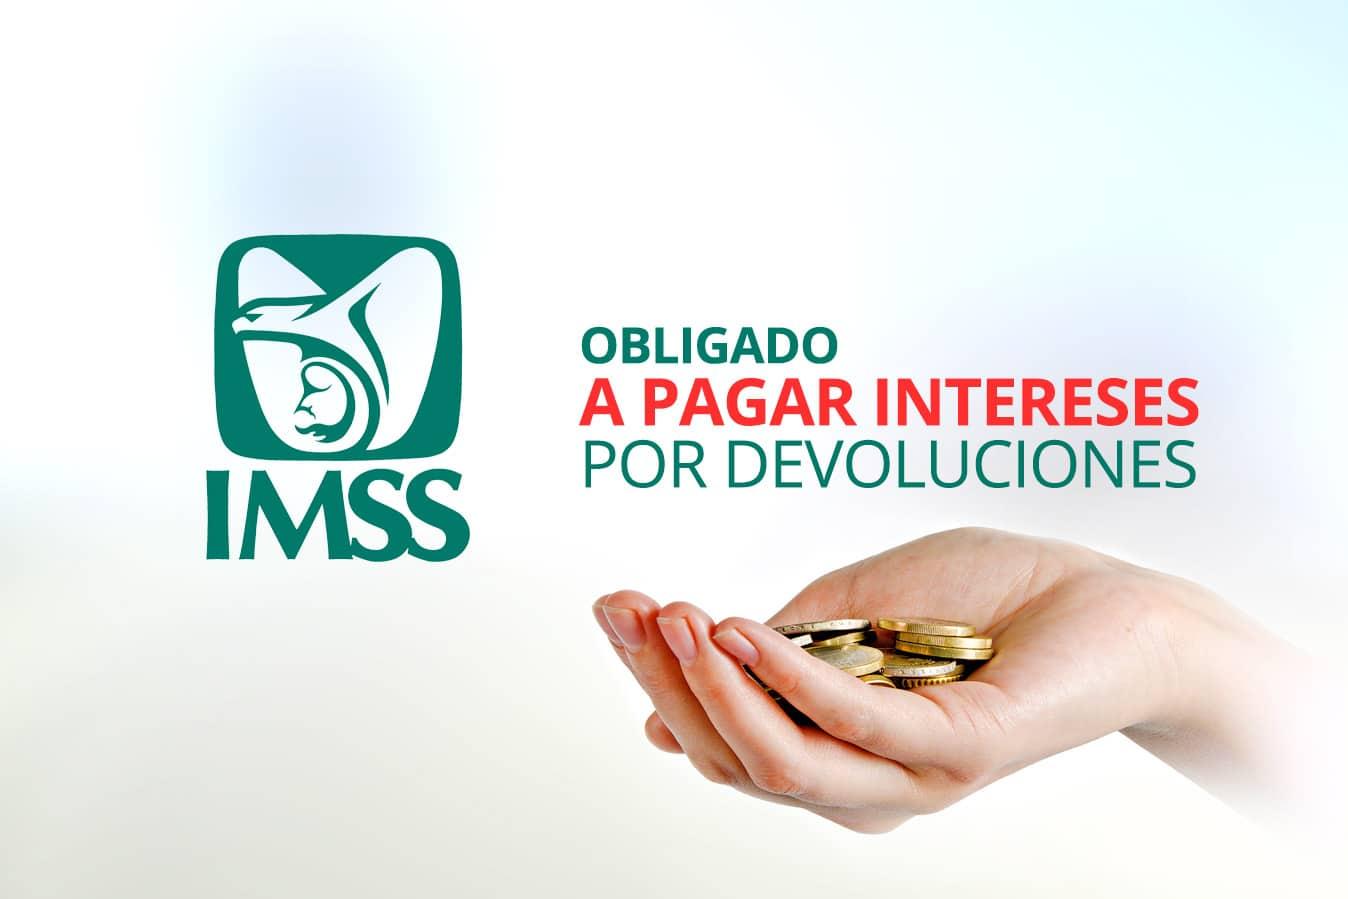 Se establece la obligación por parte del Instituto Mexicano del Seguro Social de devolver el pago de lo indebido y además de pagar intereses por devolución